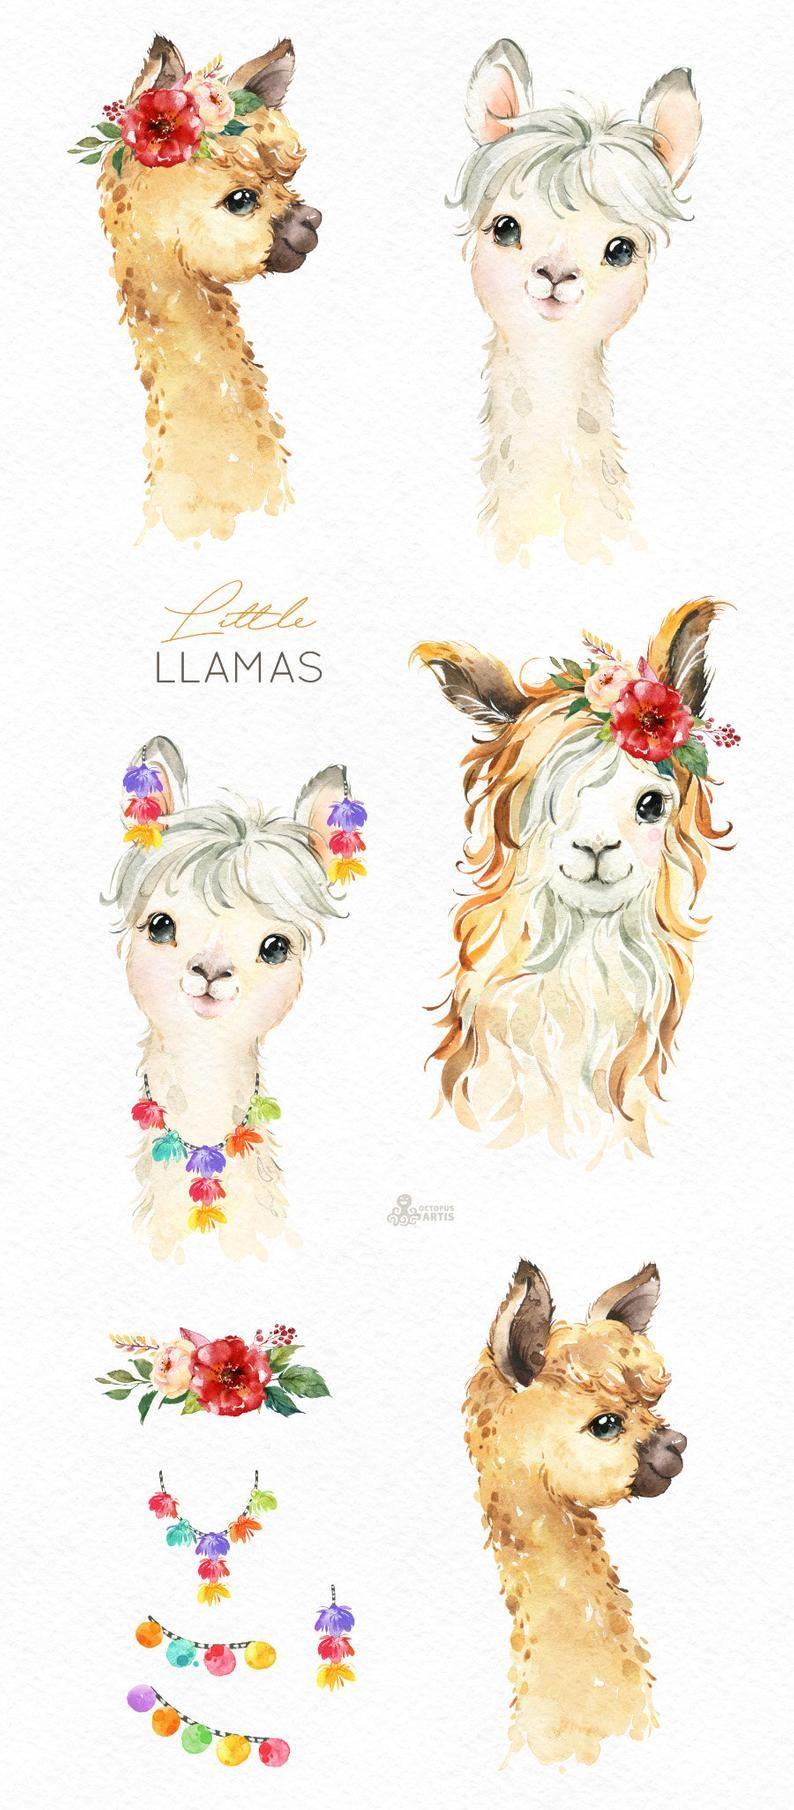 Petit lamas. Aquarelle animaux clipart, alpaga, portrait, fleurs, kid, country, mignon, baby Lama, crèche de lart, Pérou, nature, baby-shower